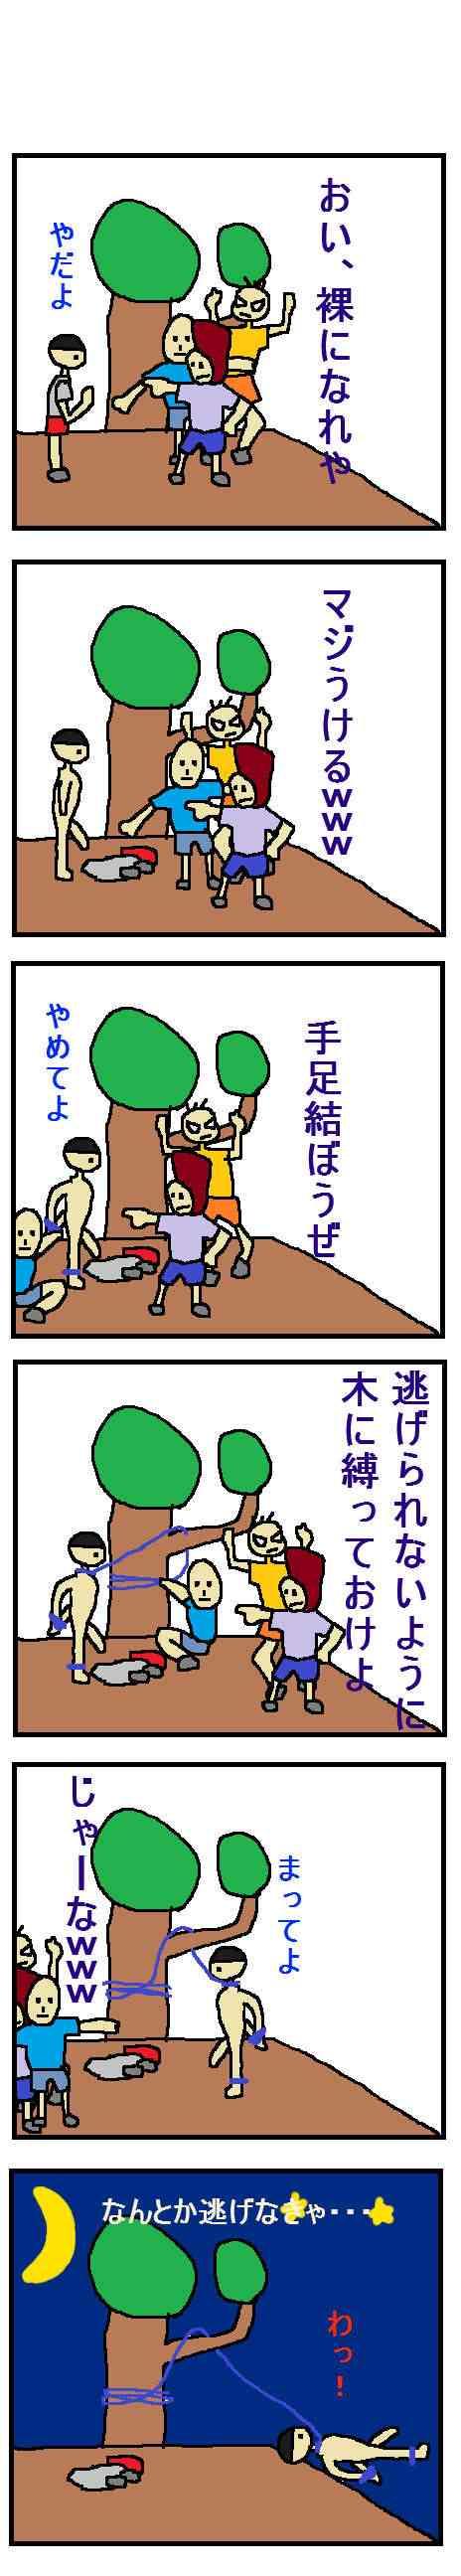 【東京日野市】山中の遺体は10歳男児、自殺か…警視庁、現場の状況などから判断